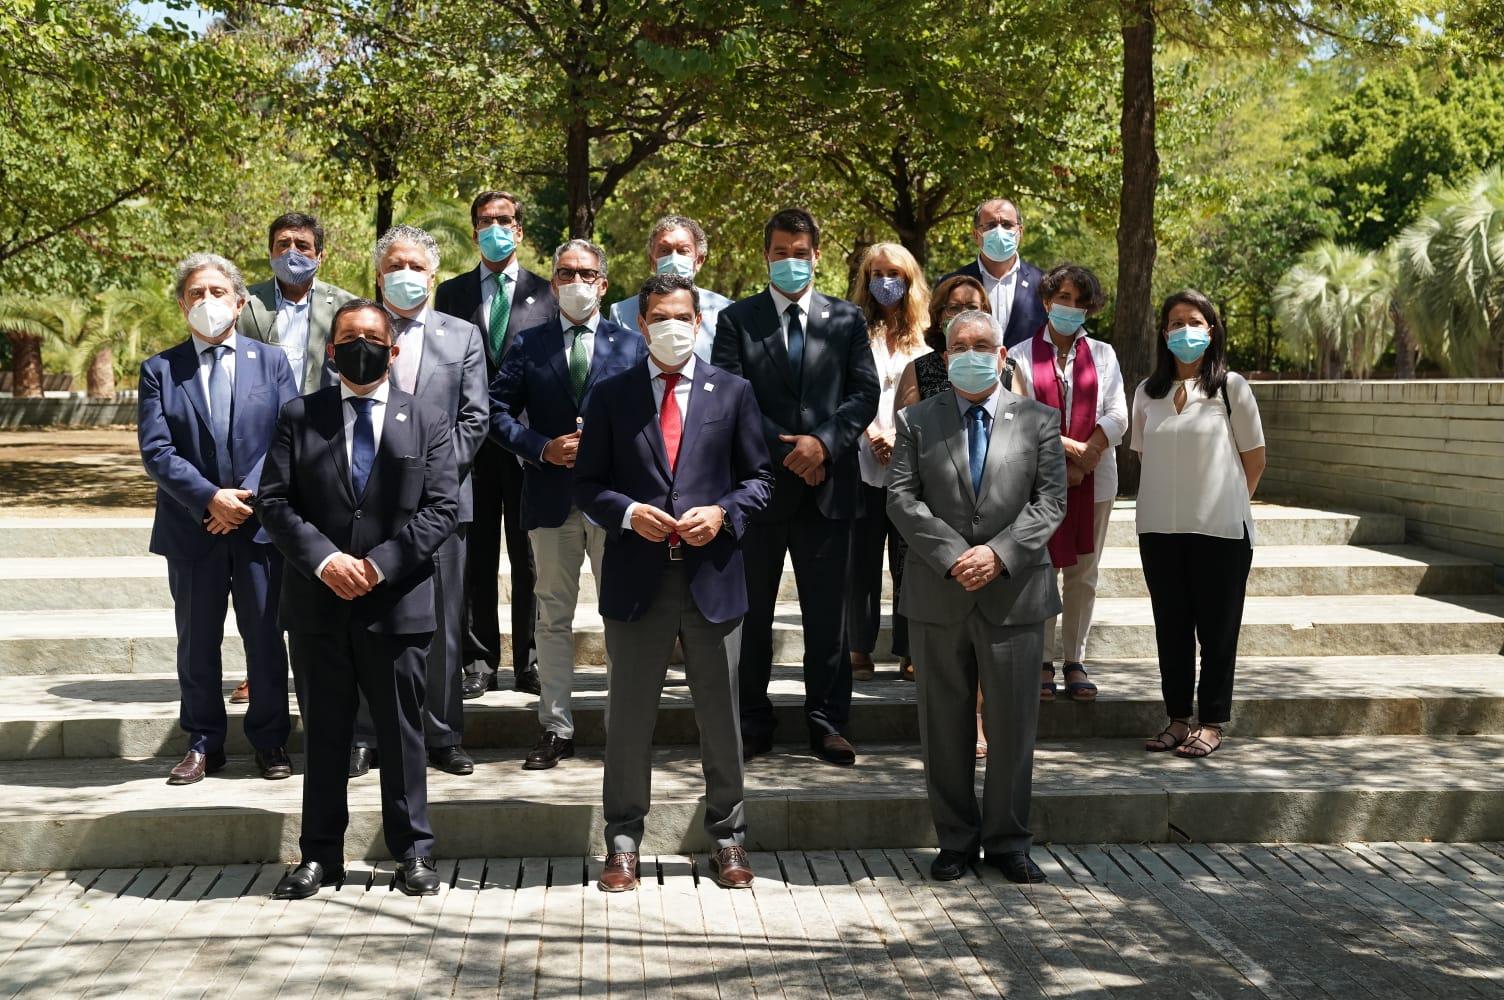 Reunião do Conselho da Eurorregião EUROAAA , Alentejo, Algarve e Andaluzia